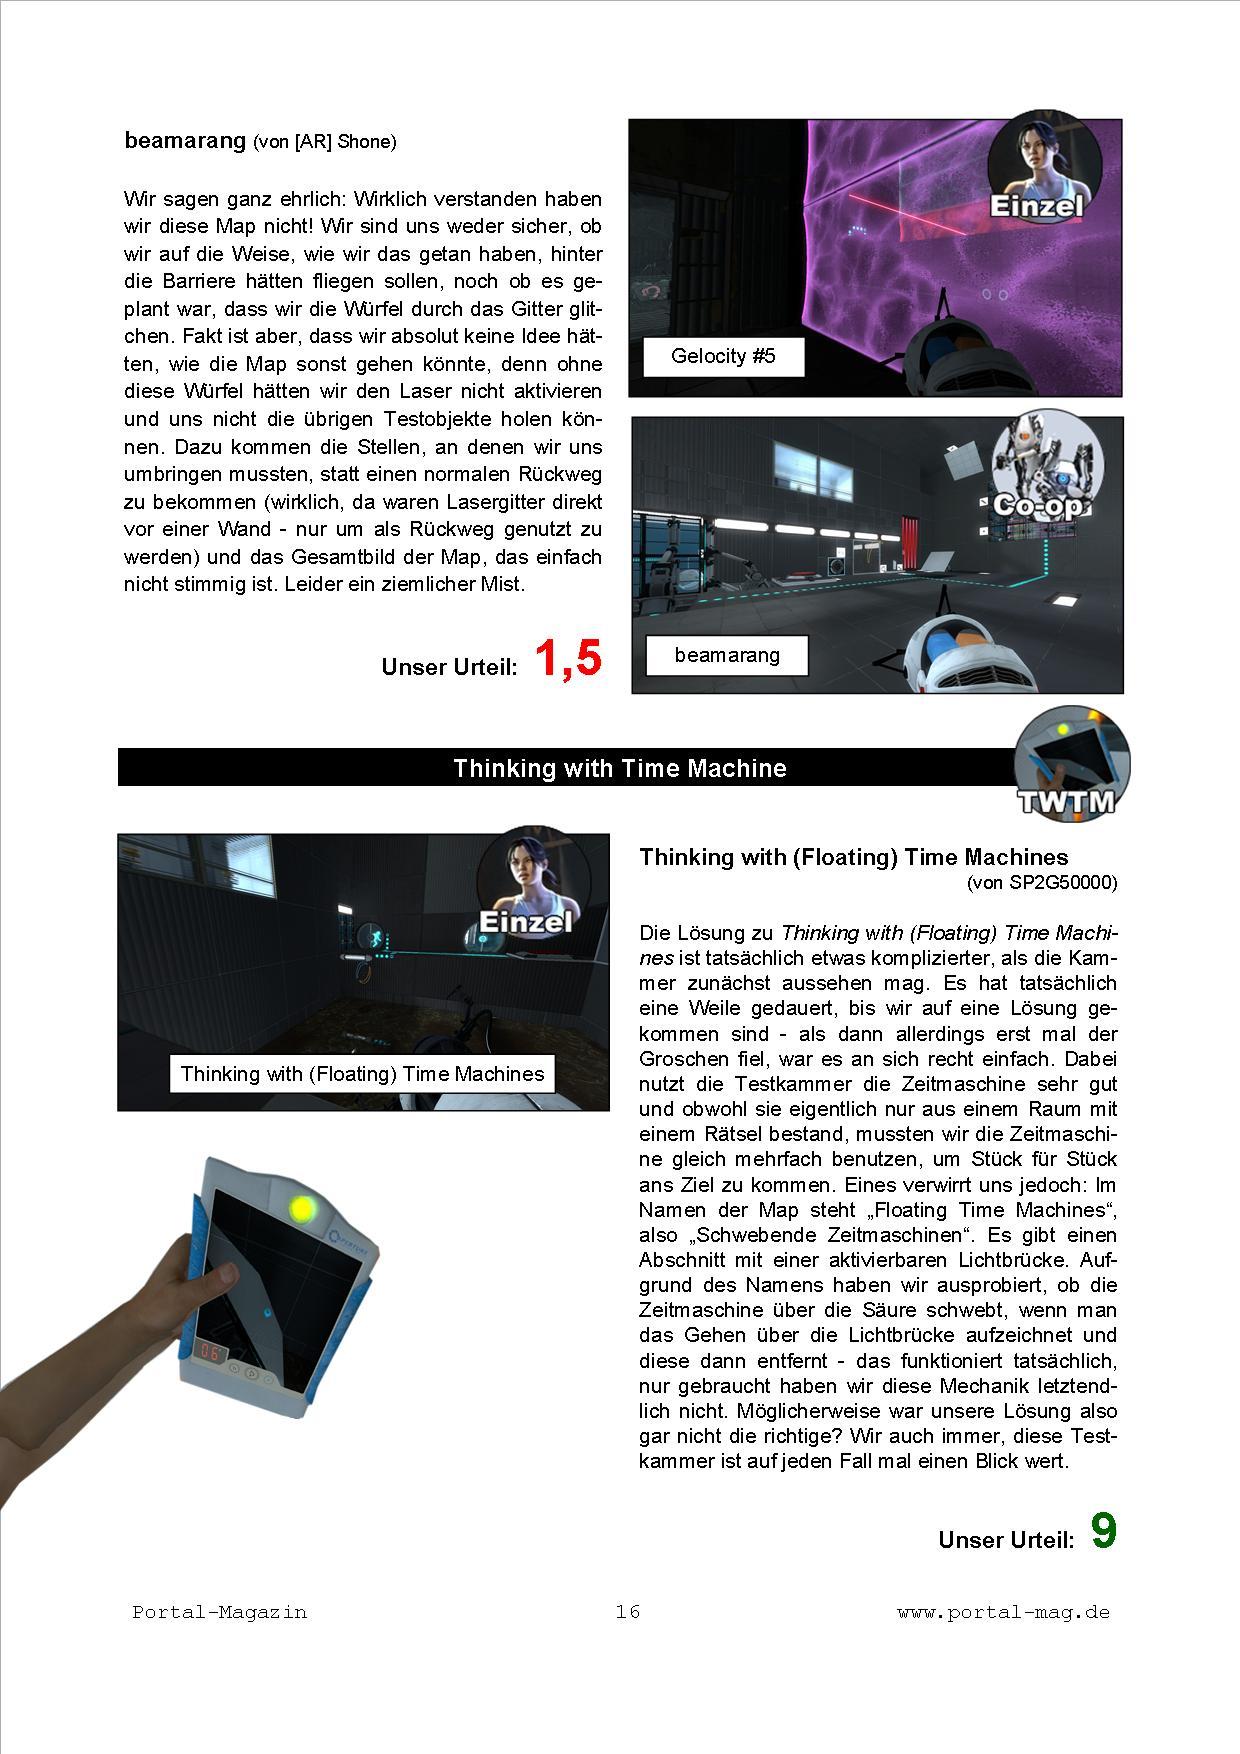 Ausgabe 36, Seite 16